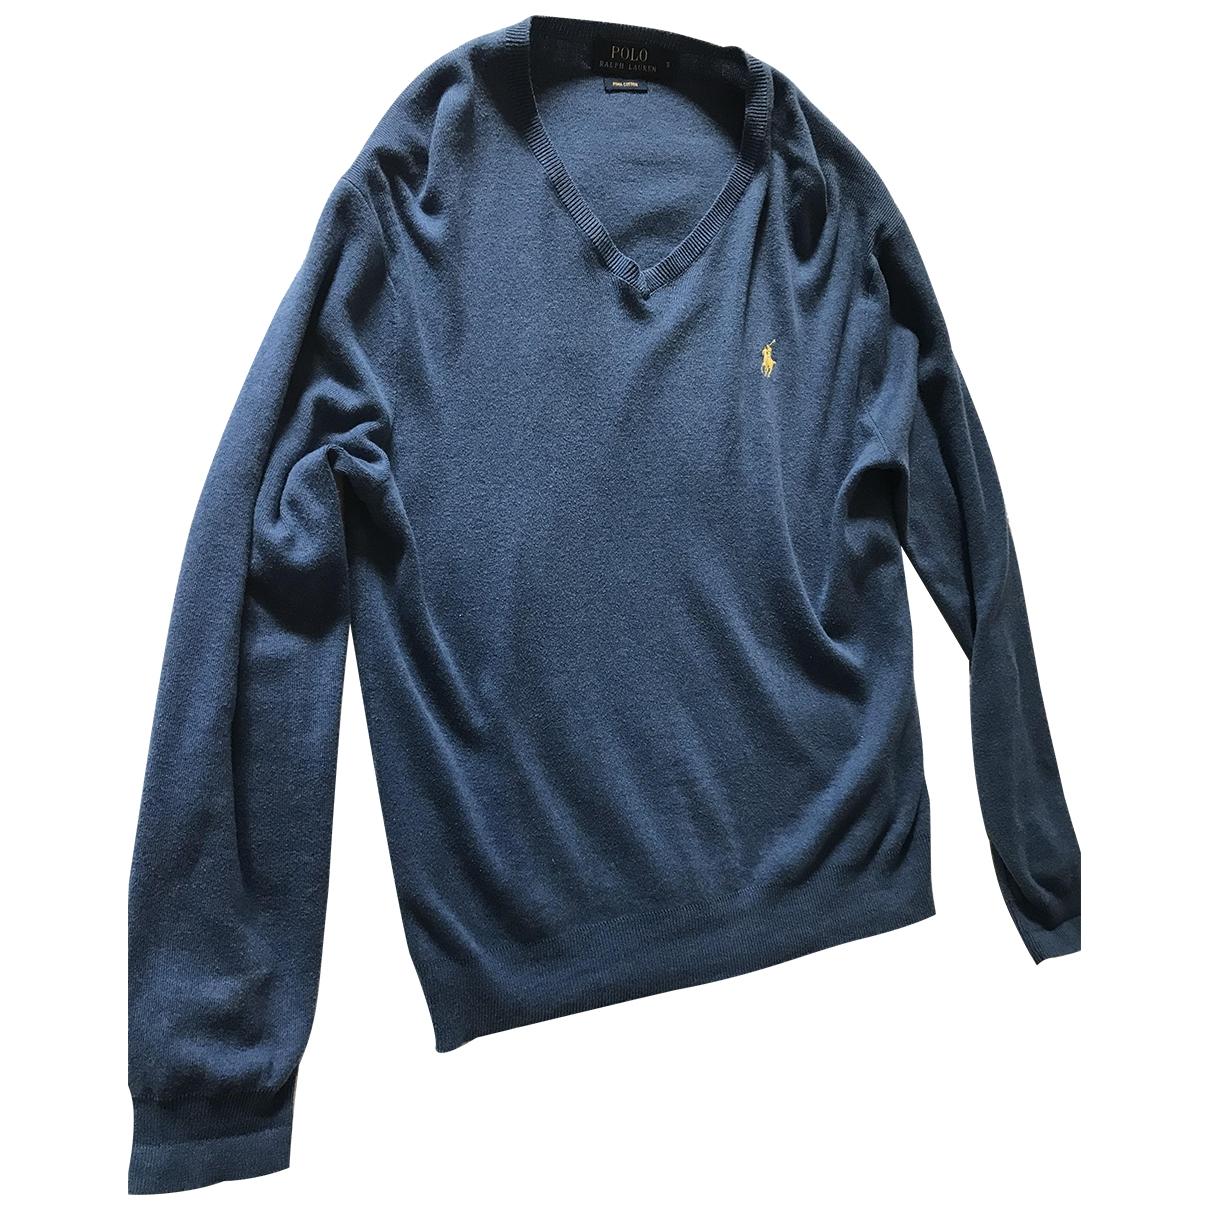 Polo Ralph Lauren \N Blue Cotton Knitwear & Sweatshirts for Men S International